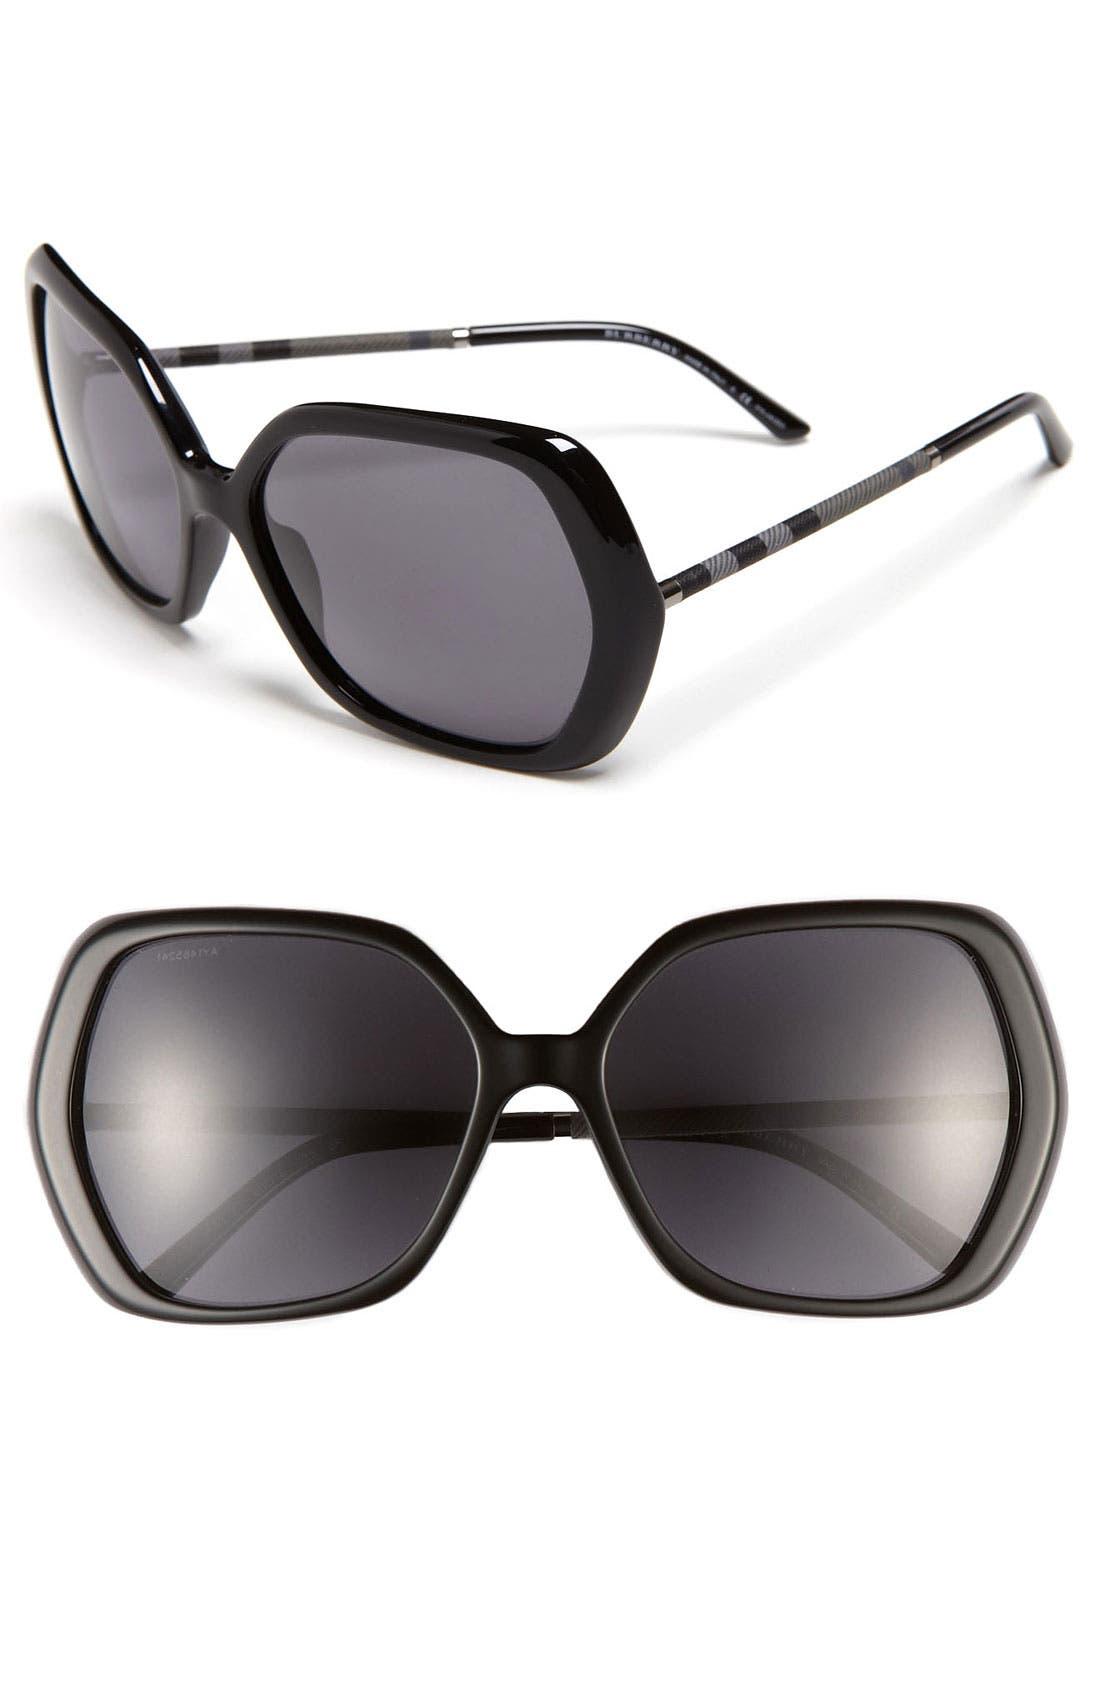 Alternate Image 1 Selected - Burberry Oversized Polarized Sunglasses